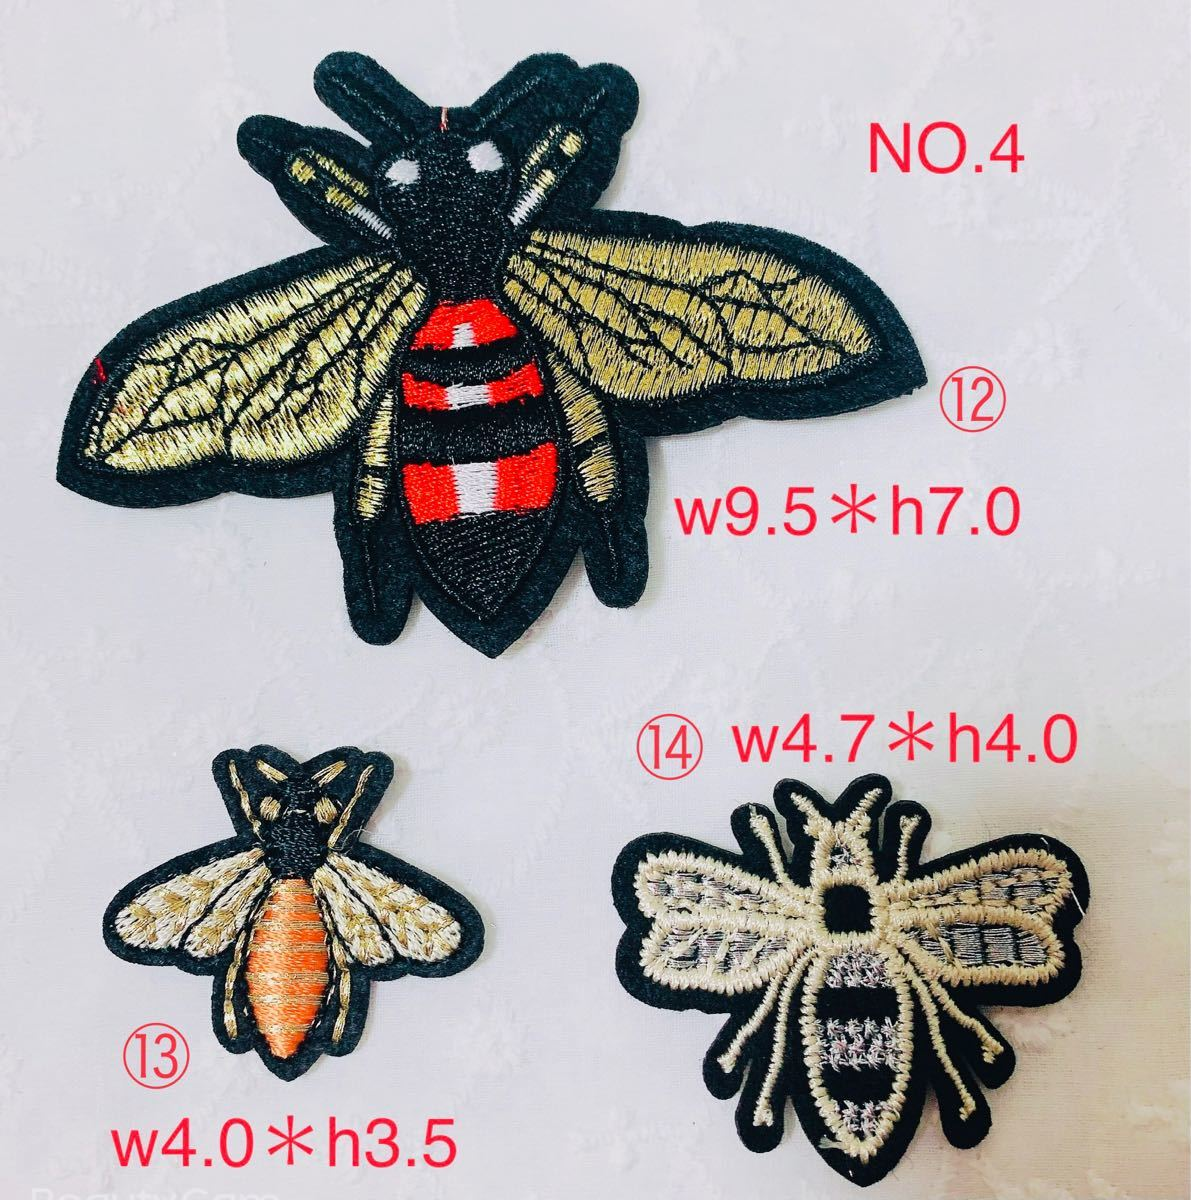 刺繍 アイロンワッペン 蜂ワッペン 3〜4枚  14種類から選べる